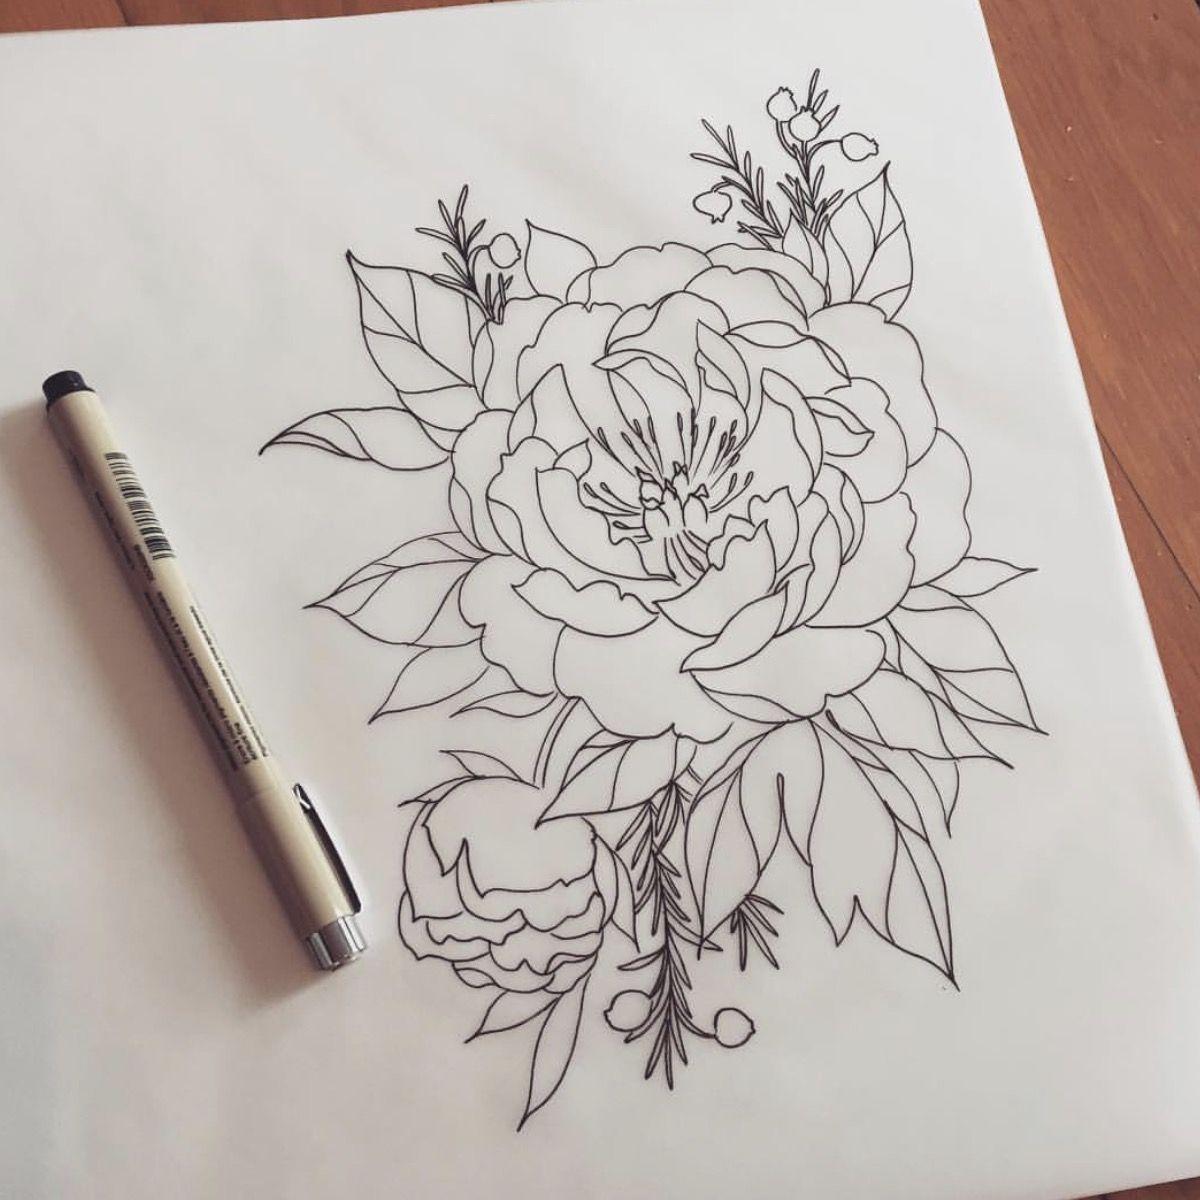 26 Peony Tattoo Designs Ideas: Tattoo Designs, Tattoos